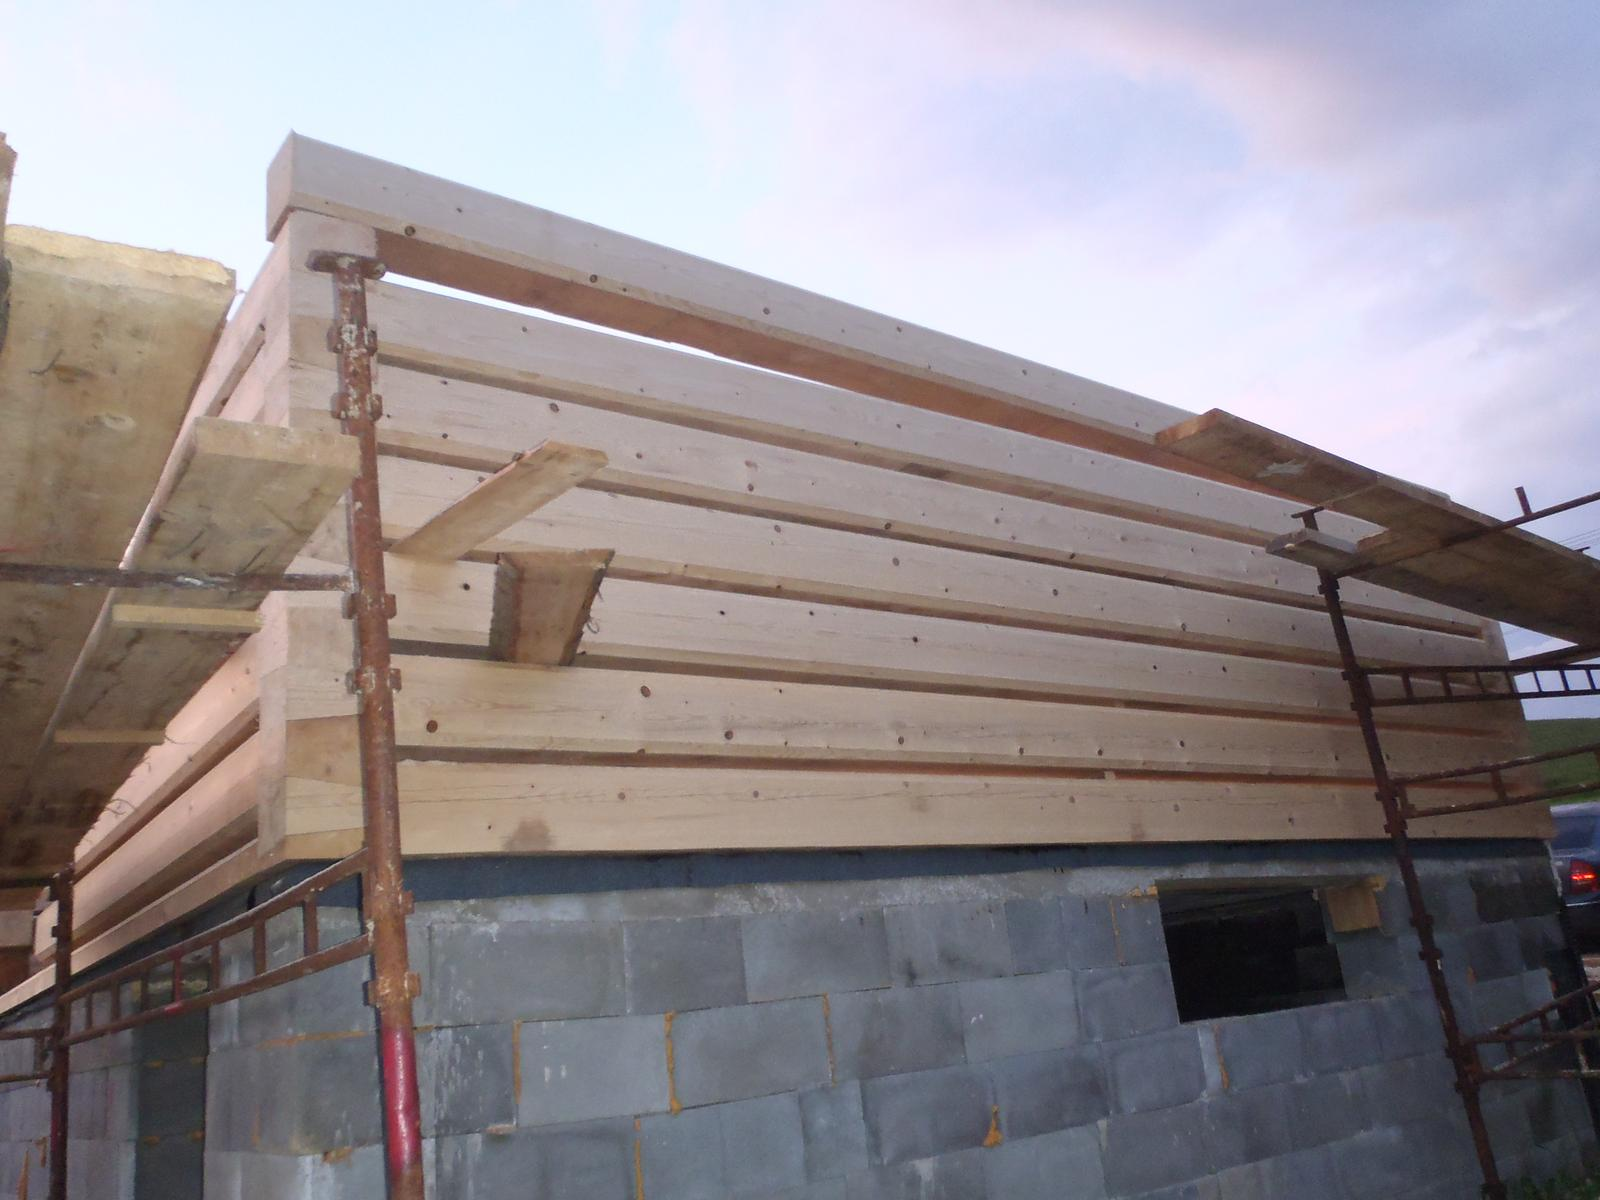 Náš veľký sen o drevenom domčeku! - Obrázok č. 74